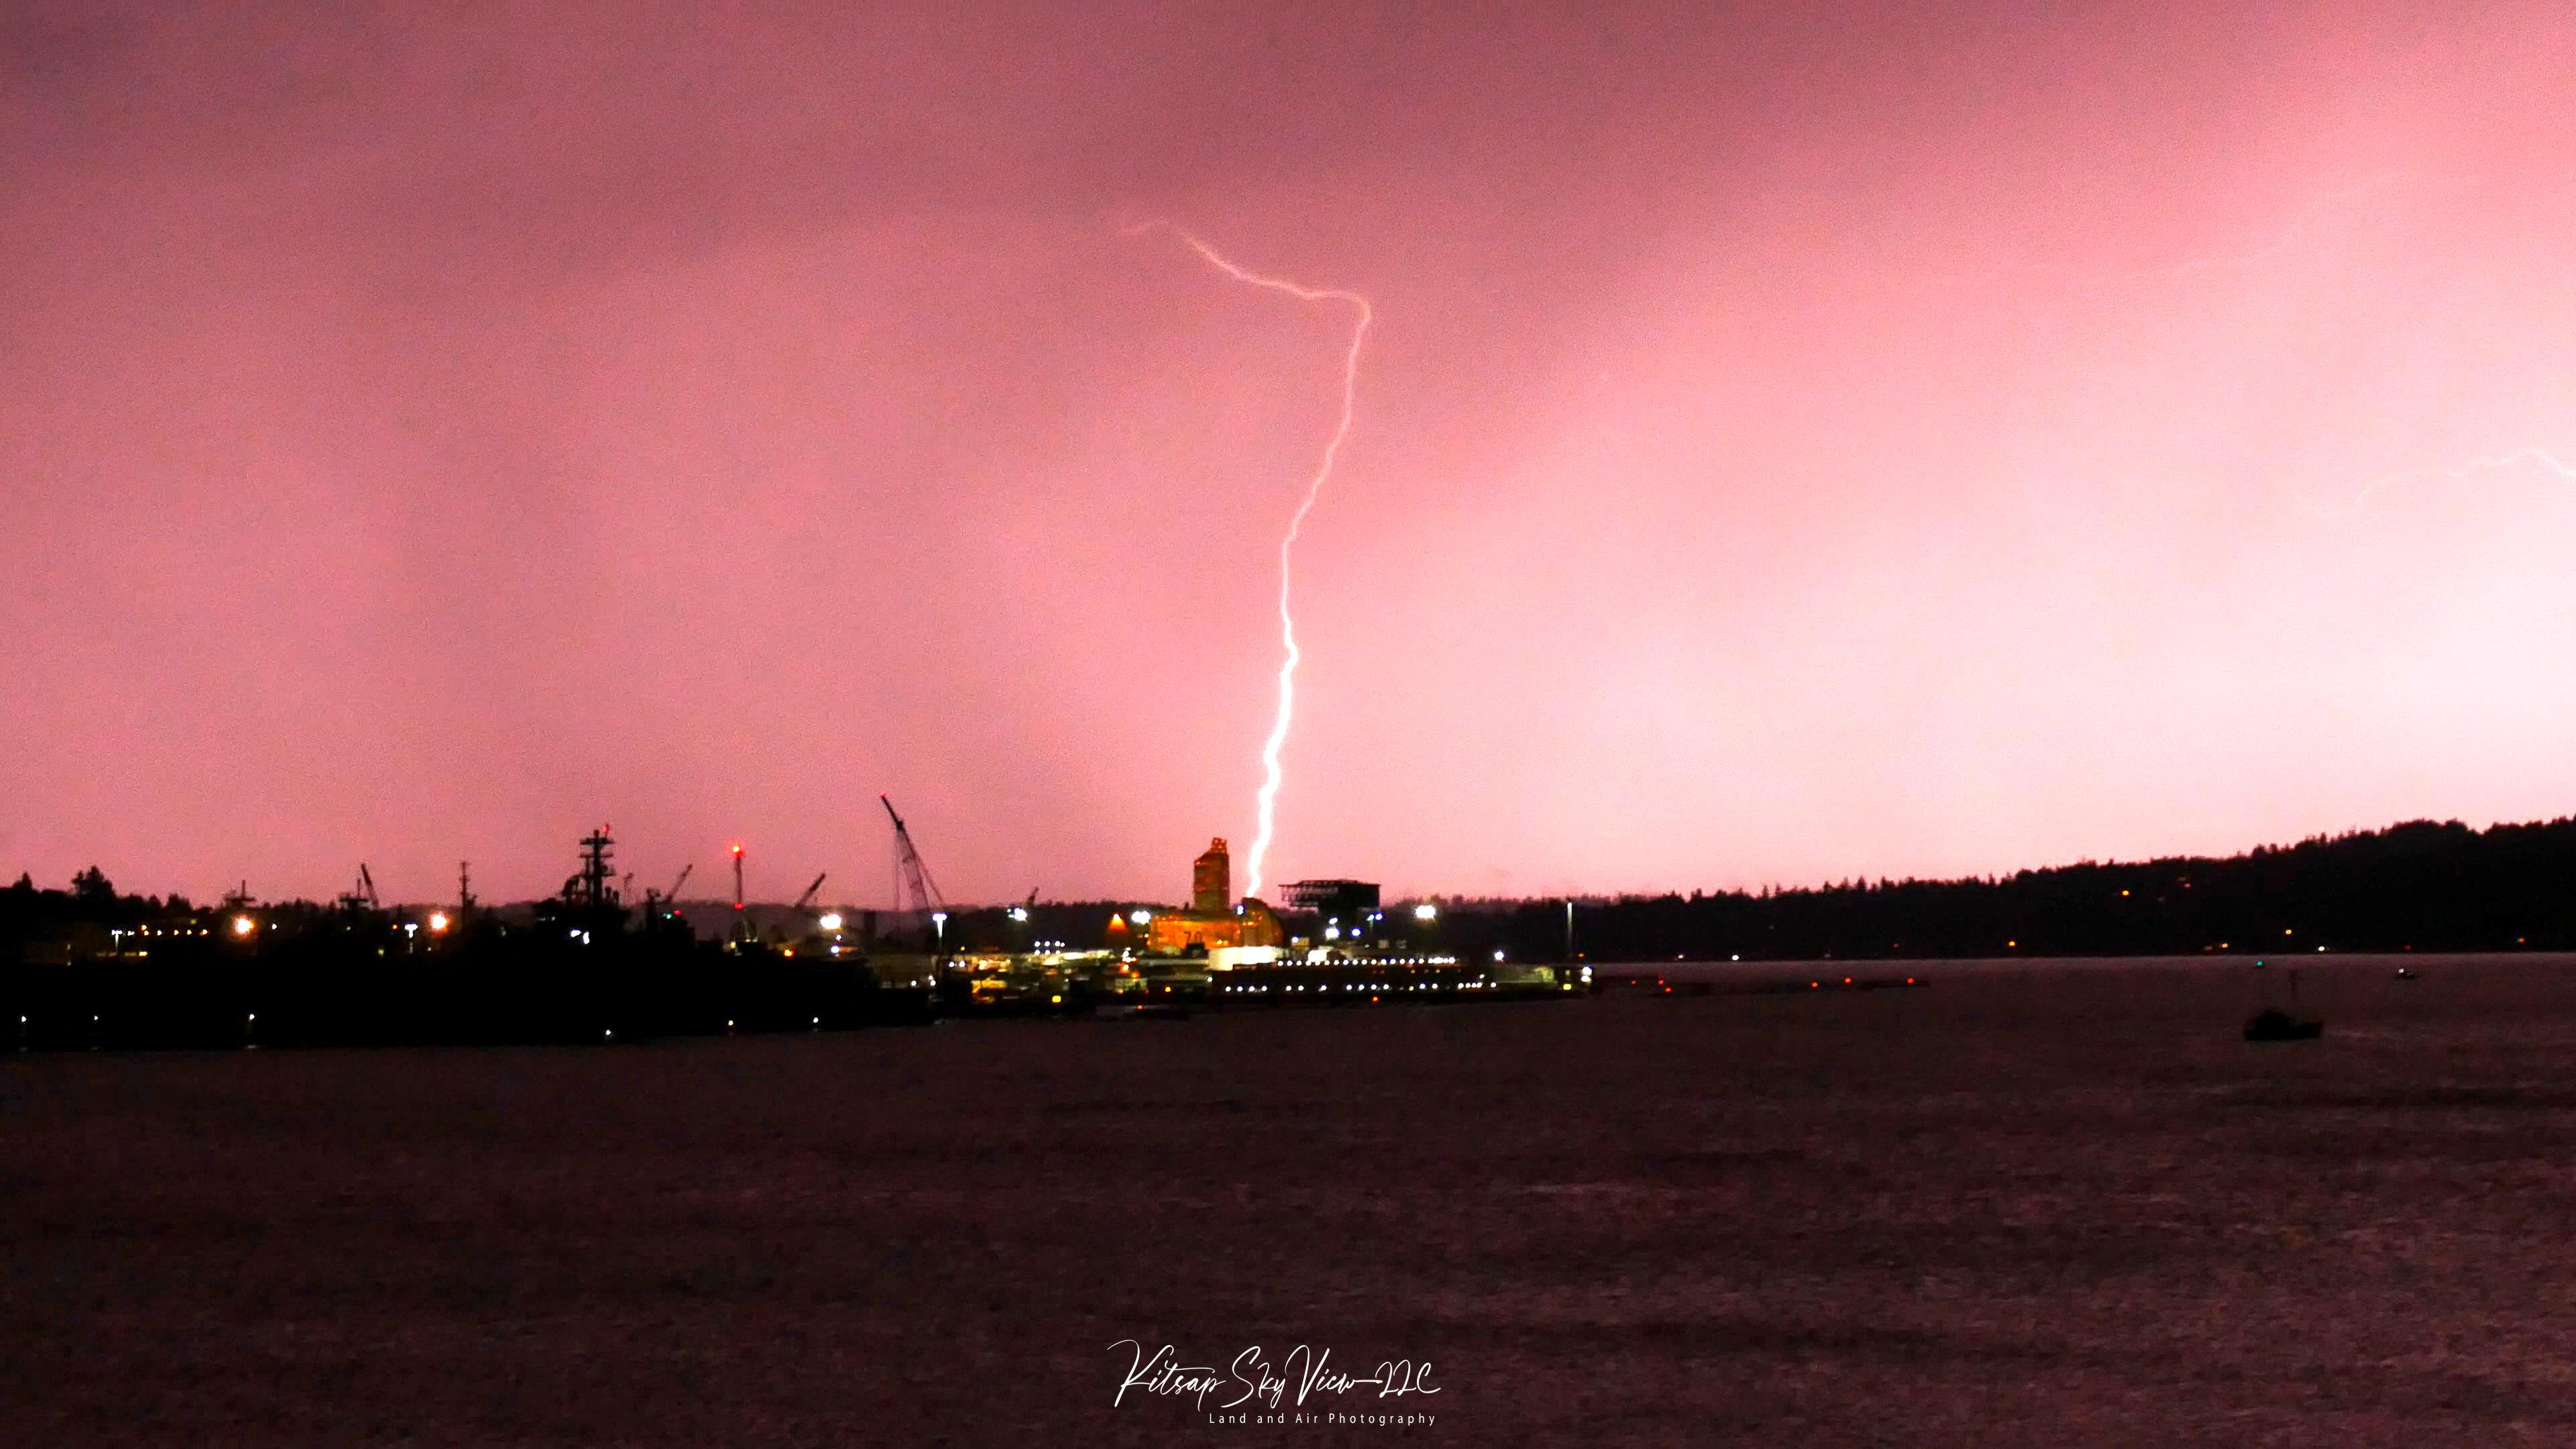 Lightning-9-7-2019 (2)